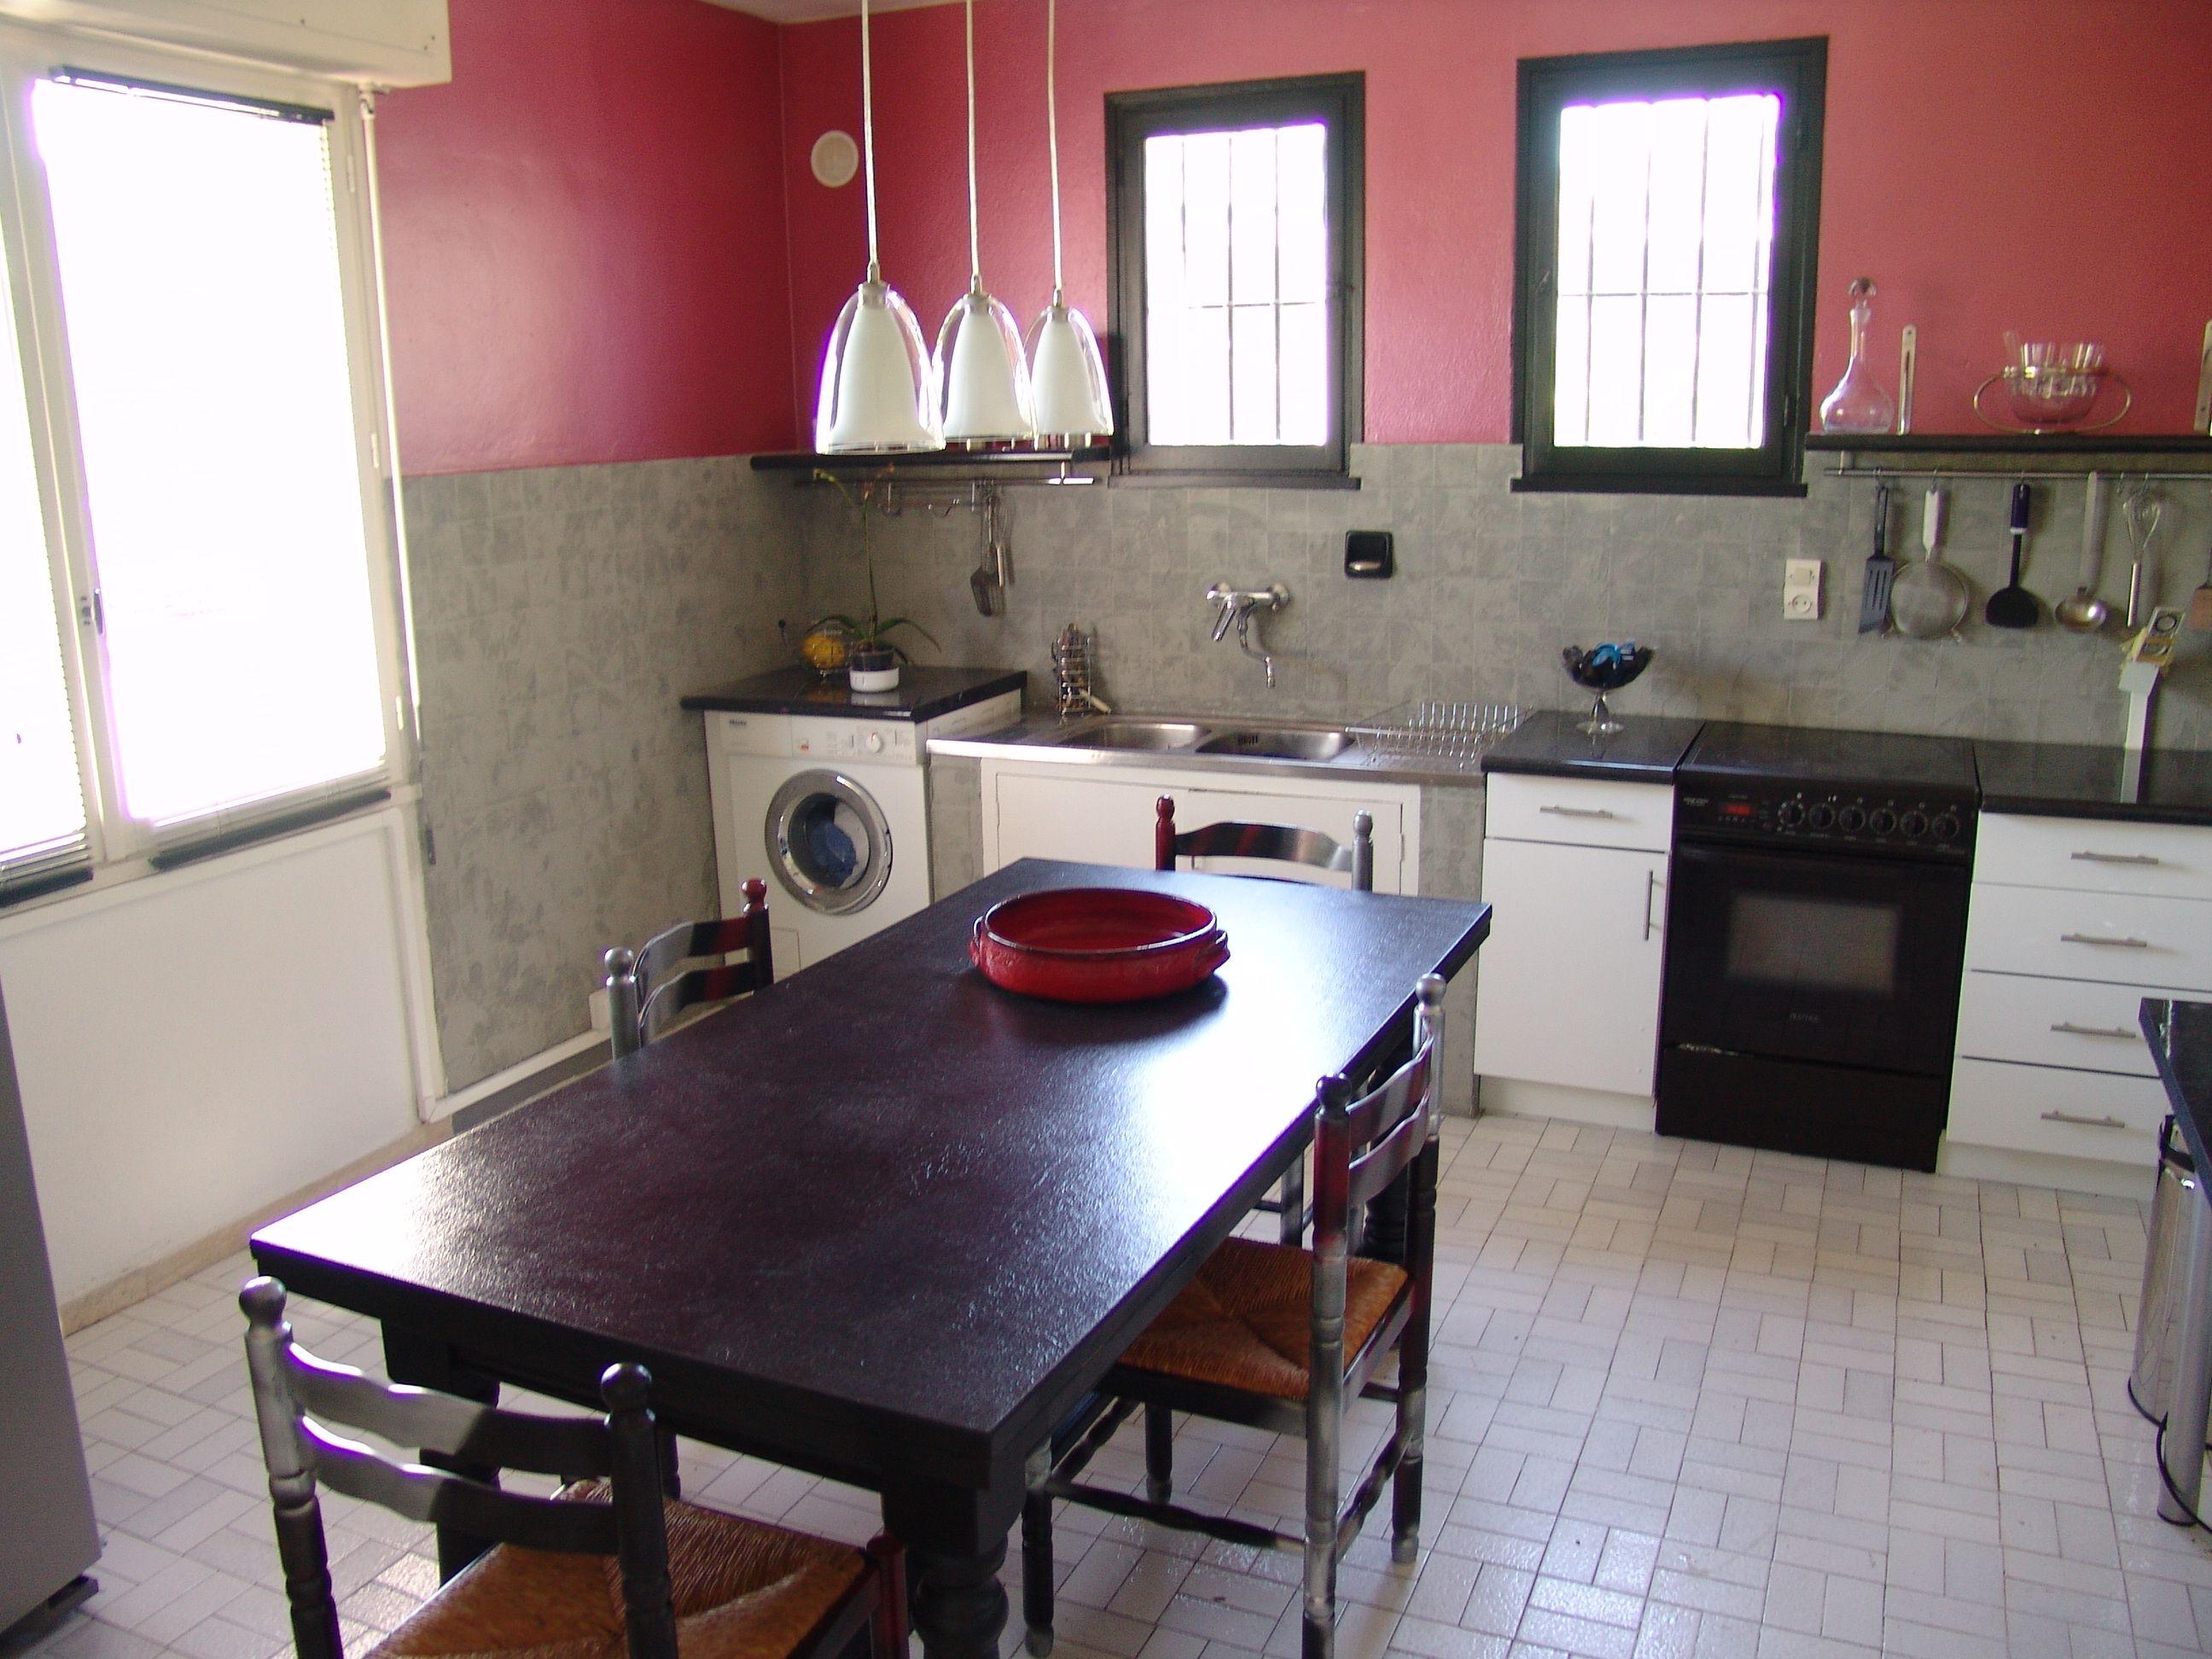 Peinture et r sine pour peindre du carrelage appartement - Comment peindre carrelage salle de bain ...